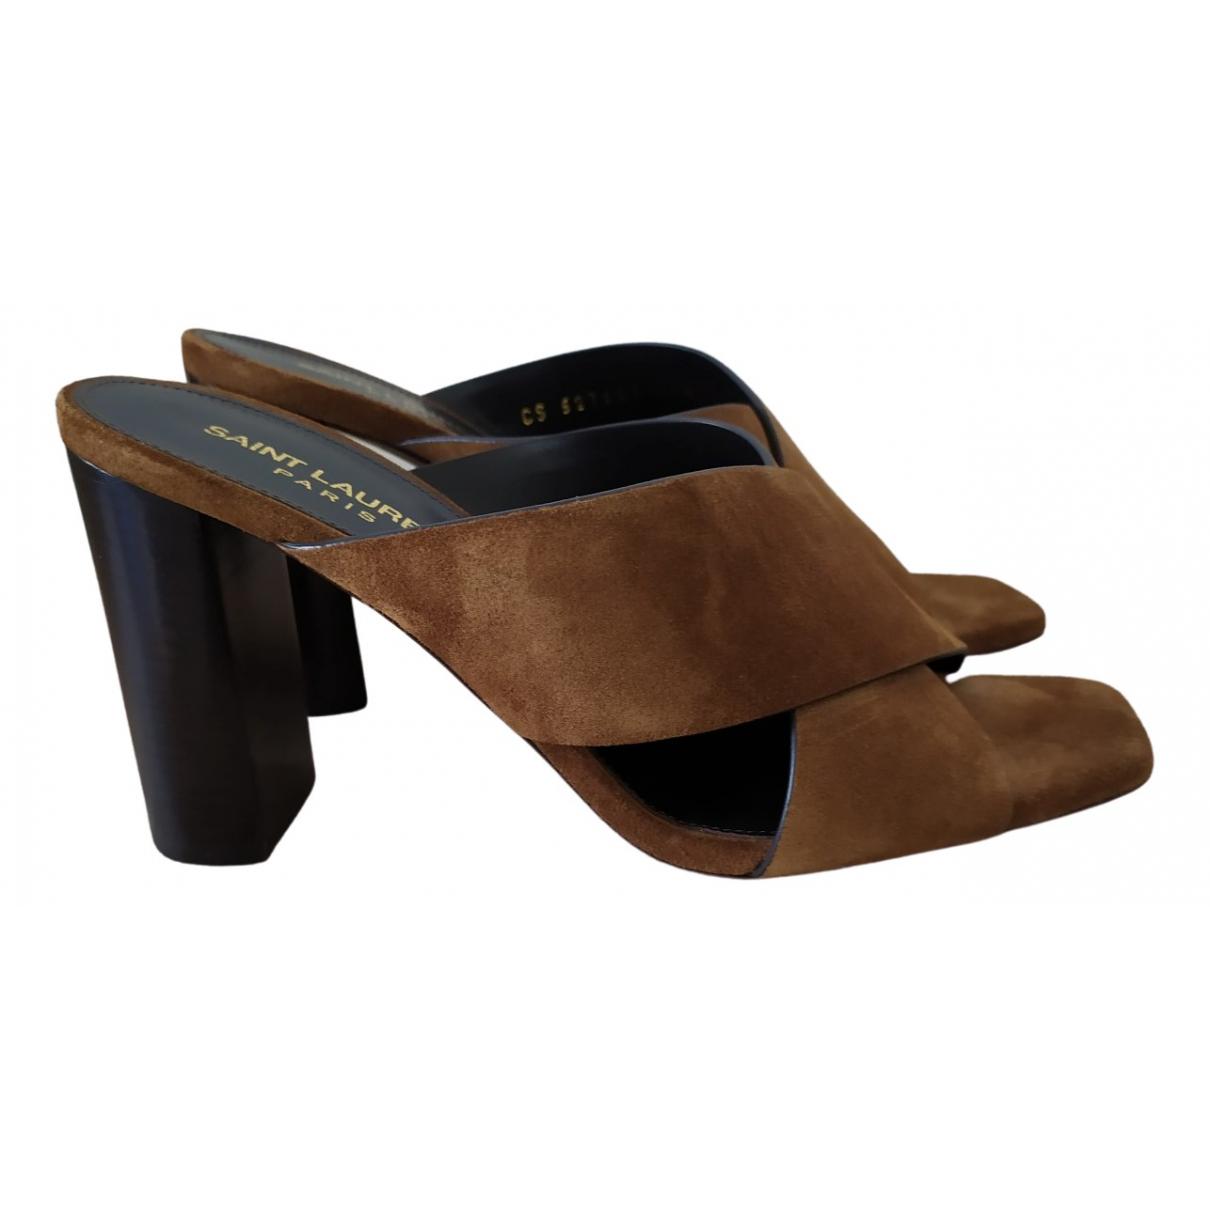 Saint Laurent Loulou Camel Suede Sandals for Women 36.5 EU